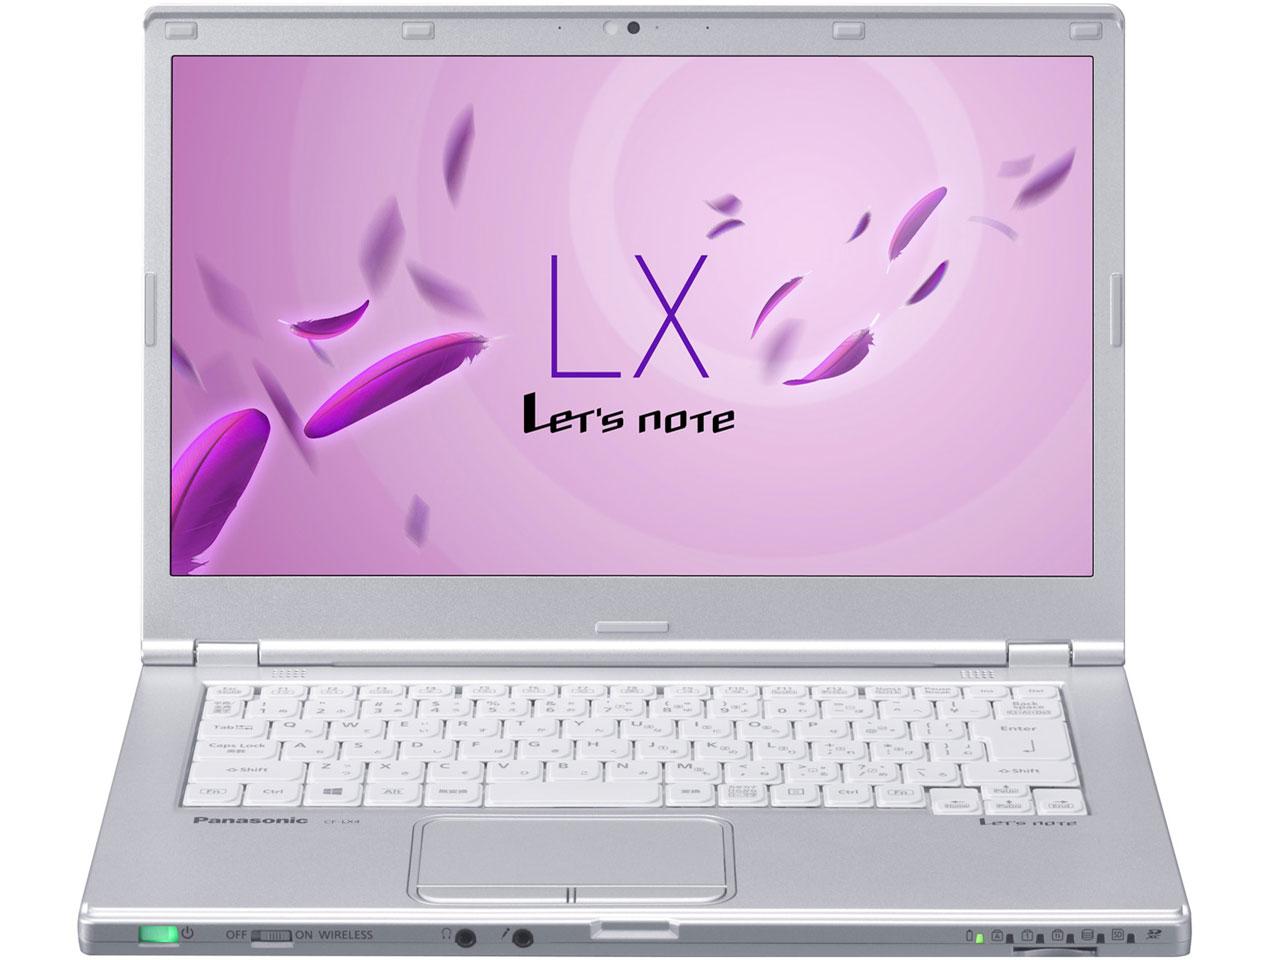 中古ノートパソコンPanasonic Let's note LX4 CF-LX4 CF-LX4EDHCS 【中古】 Panasonic Let's note LX4 中古ノートパソコンCore i5 Win7 Pro Panasonic Let's note LX4 中古ノートパソコンCore i5 Win7 Pro